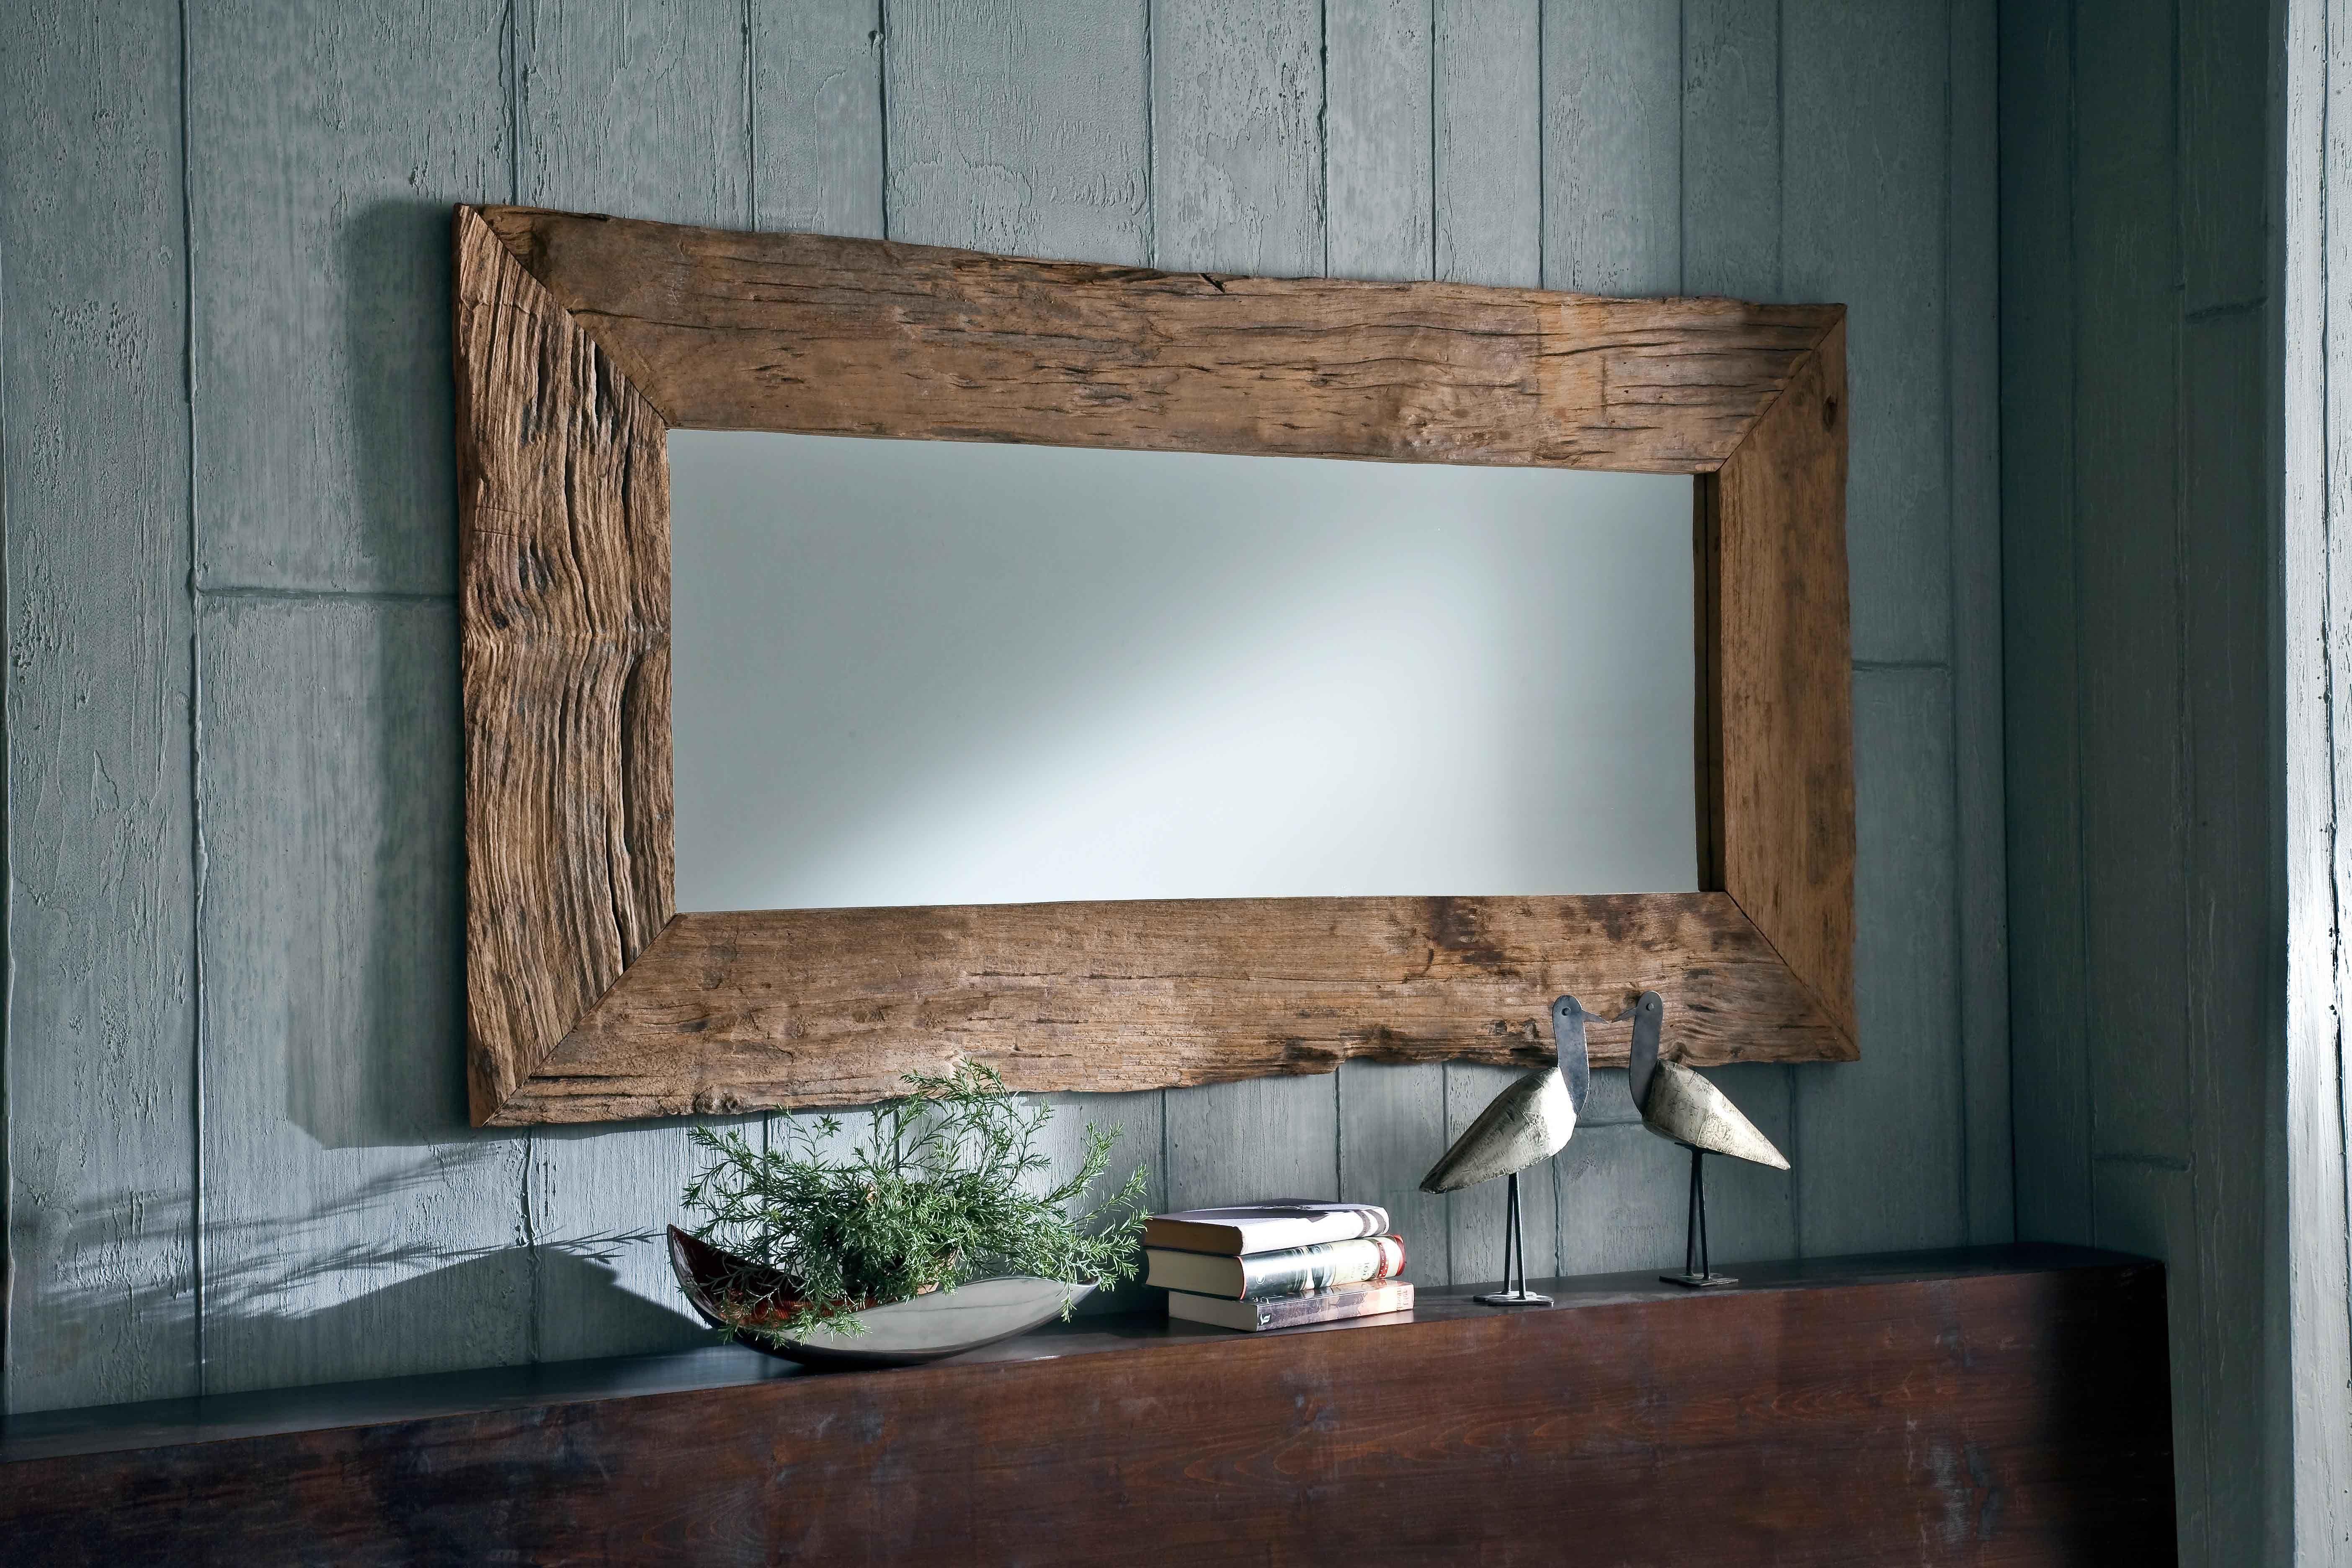 Ein #Spiegel mit einem solchen Rahmen, sieht man nicht alle Tage ...